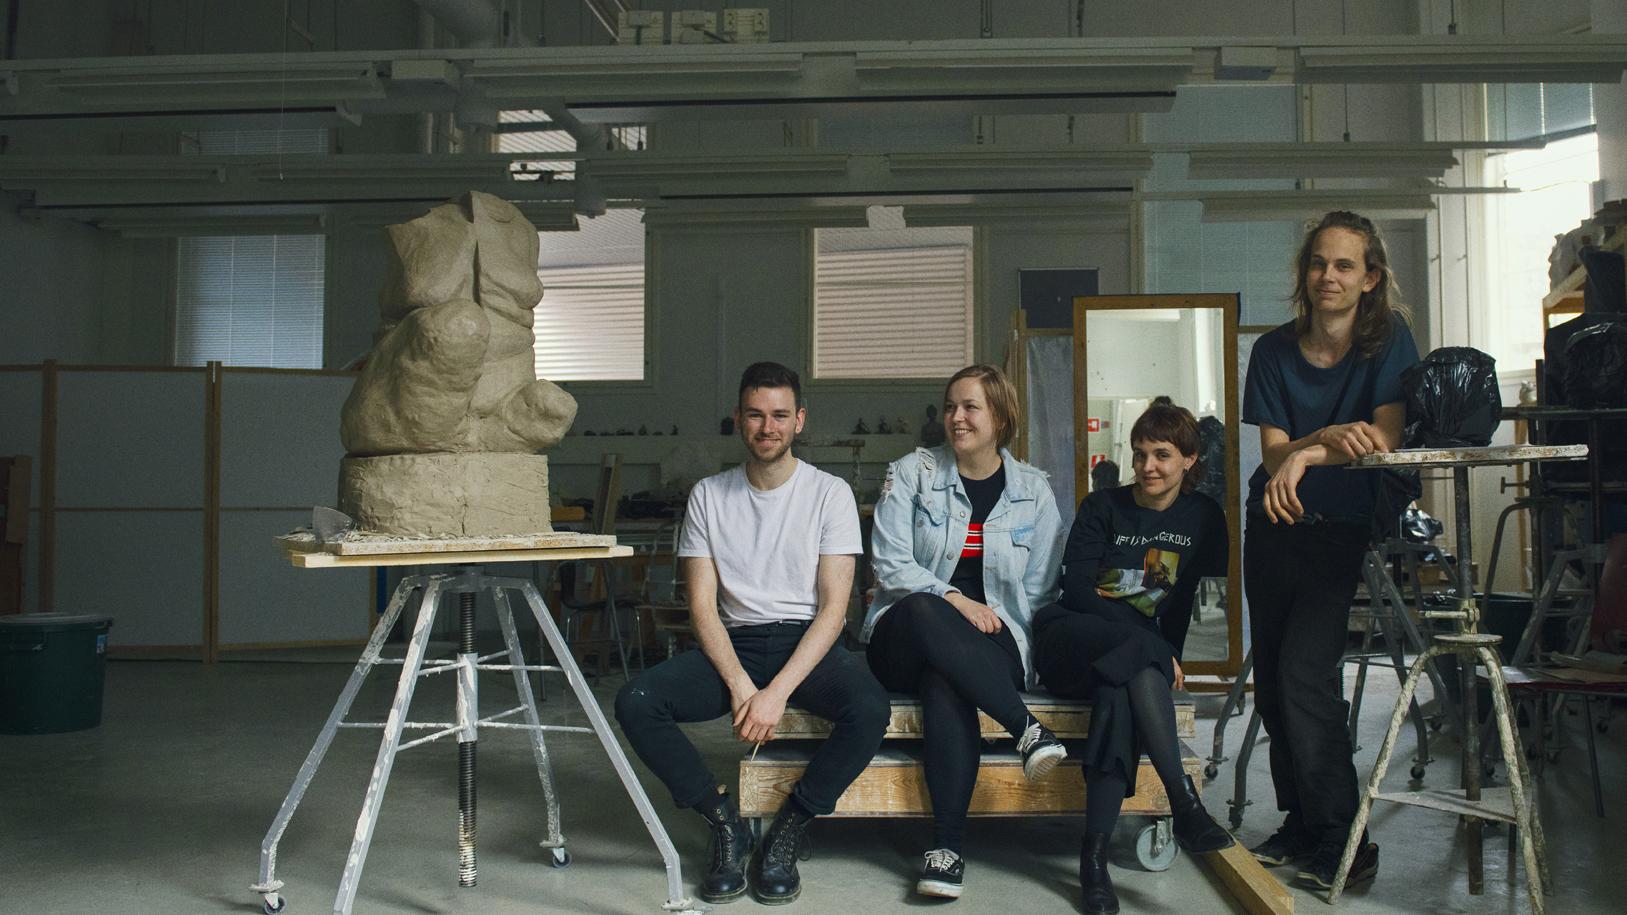 Joukko opiskelijoita poseeraa kuvataideluokassa